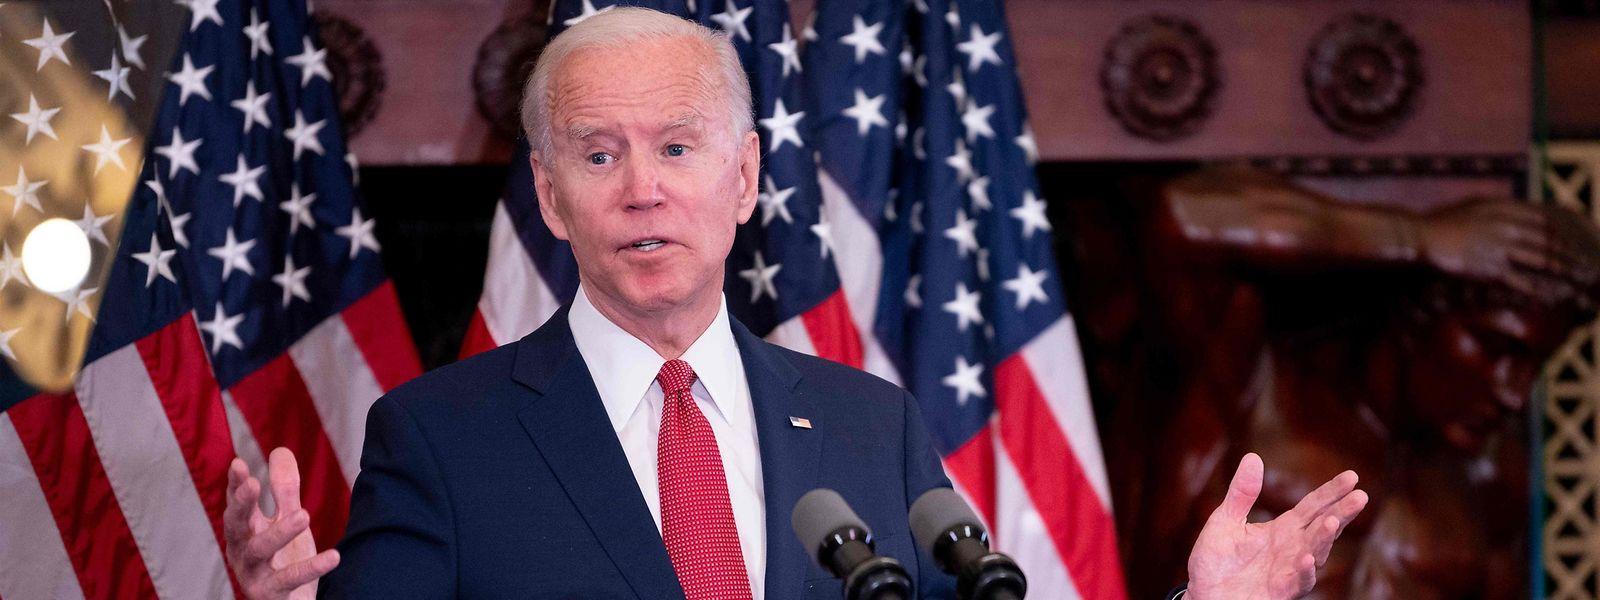 Der demokratische Präsidentschaftskandidat Joe Biden spricht in der Philadelphia City Hall über die andauernden Proteste.